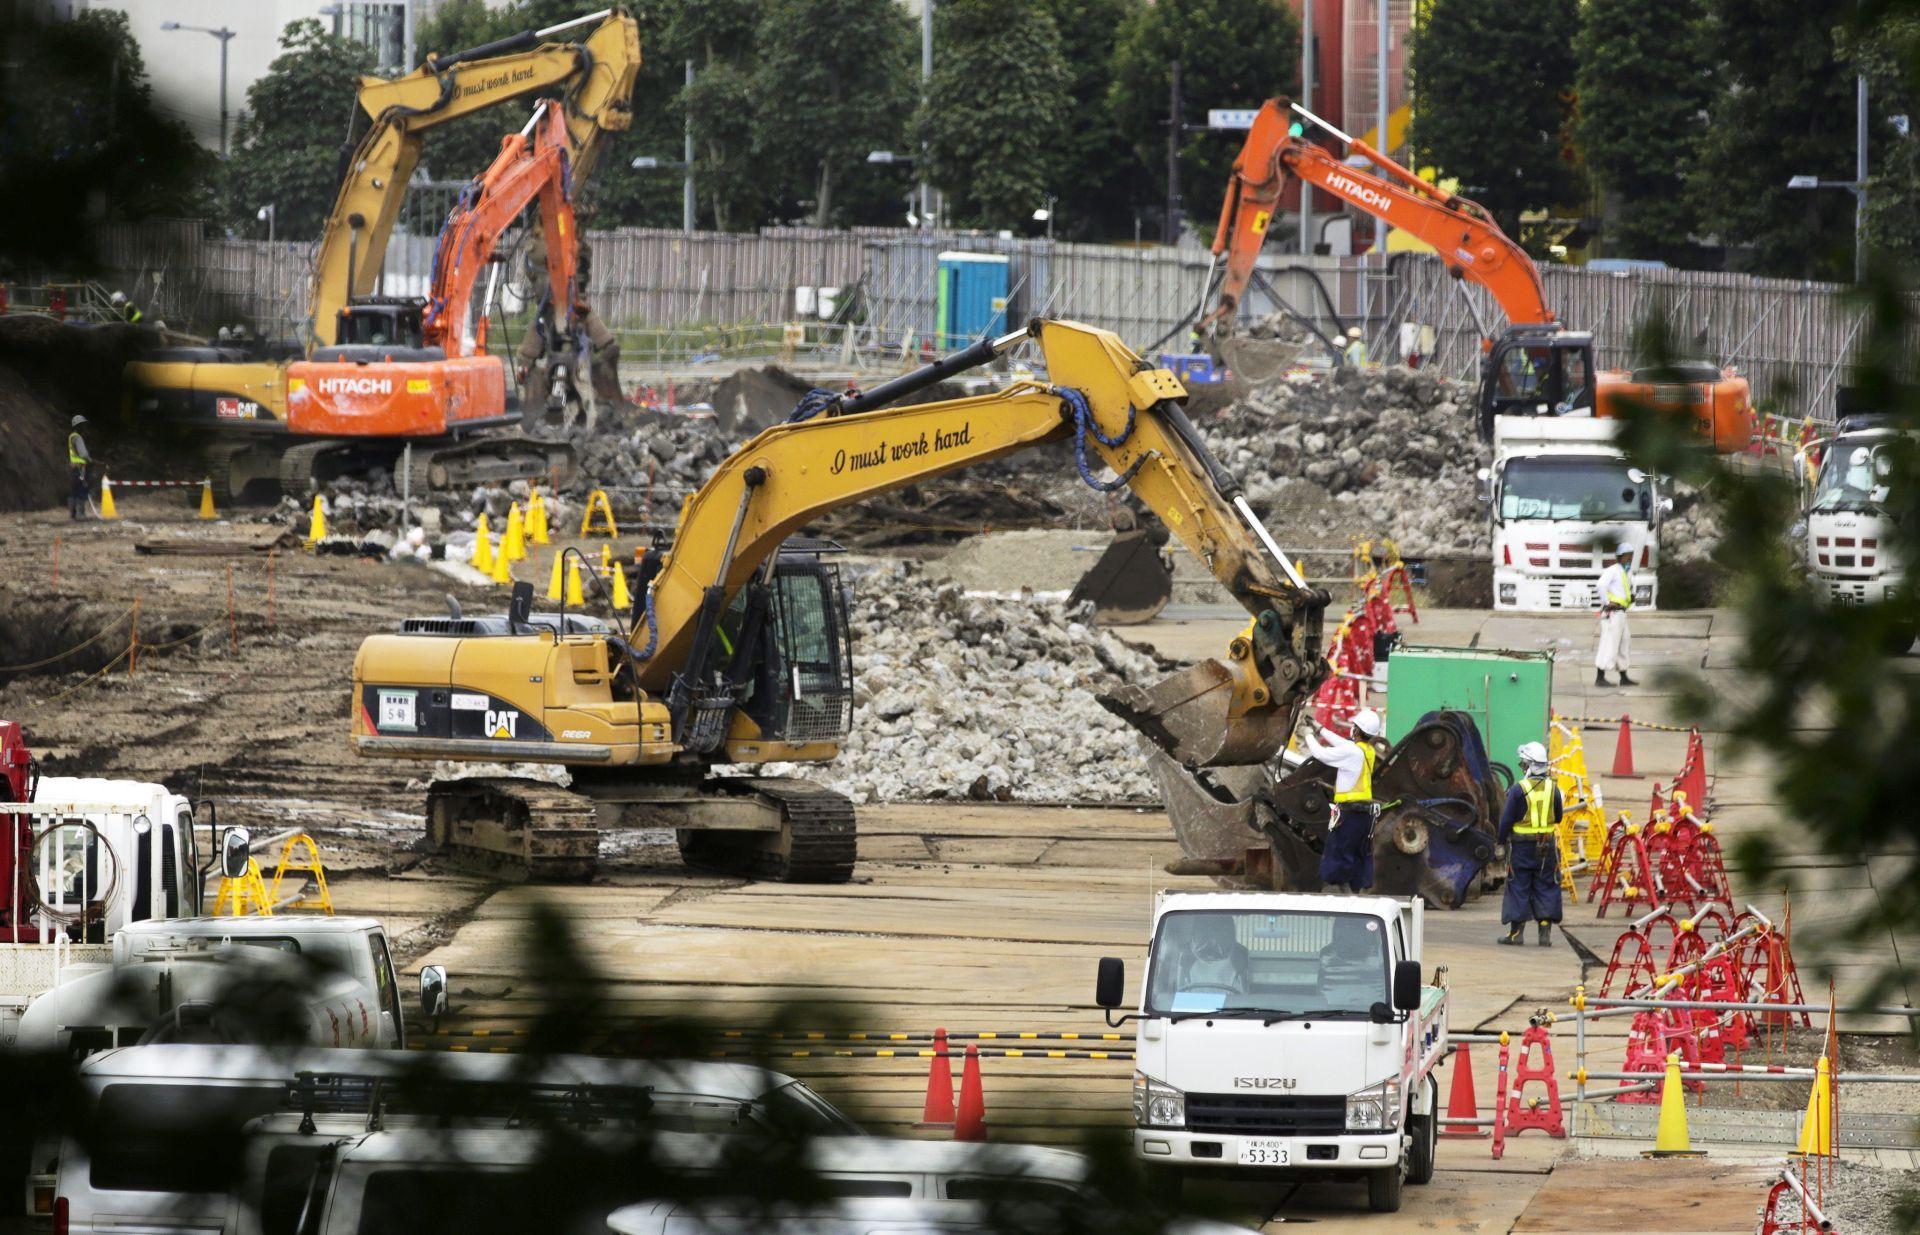 ISTRAŽIVANJE: U japanskim tvrtkama zaposlenici mogu umrijeti od prekomjernog rada